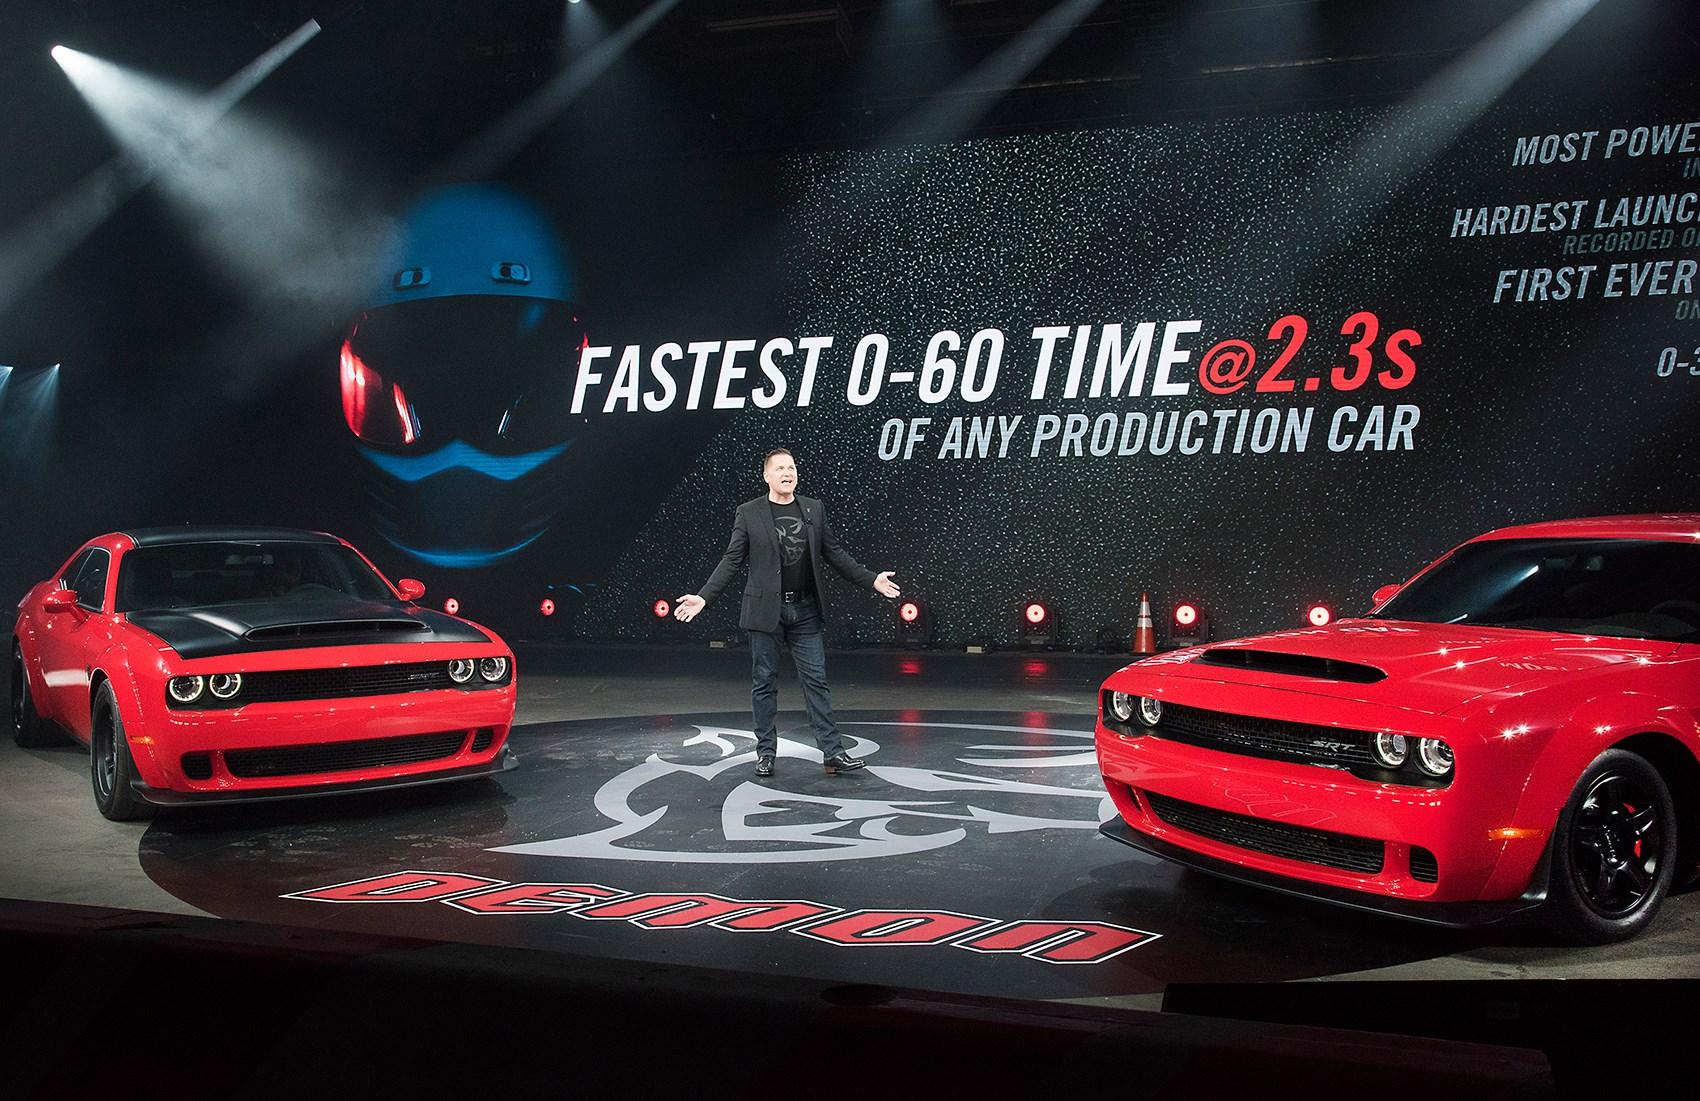 The New Dodge Challenger Srt Demon